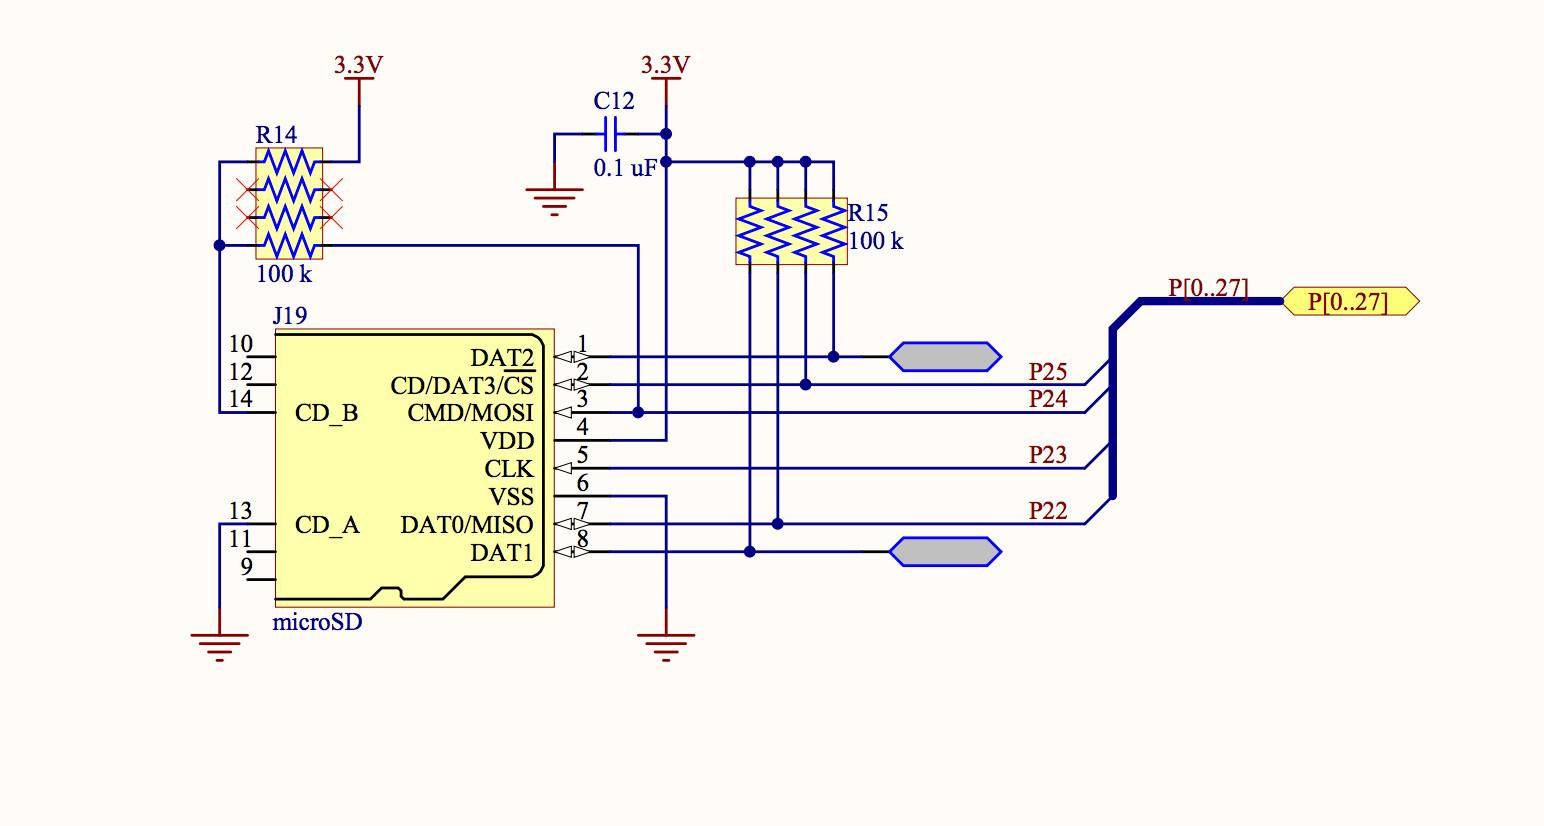 Tachyon O S V30 Juno Furiously Fast Forth Fat32 Lan Vga Rs485 P25 Wiring Diagram Pullup